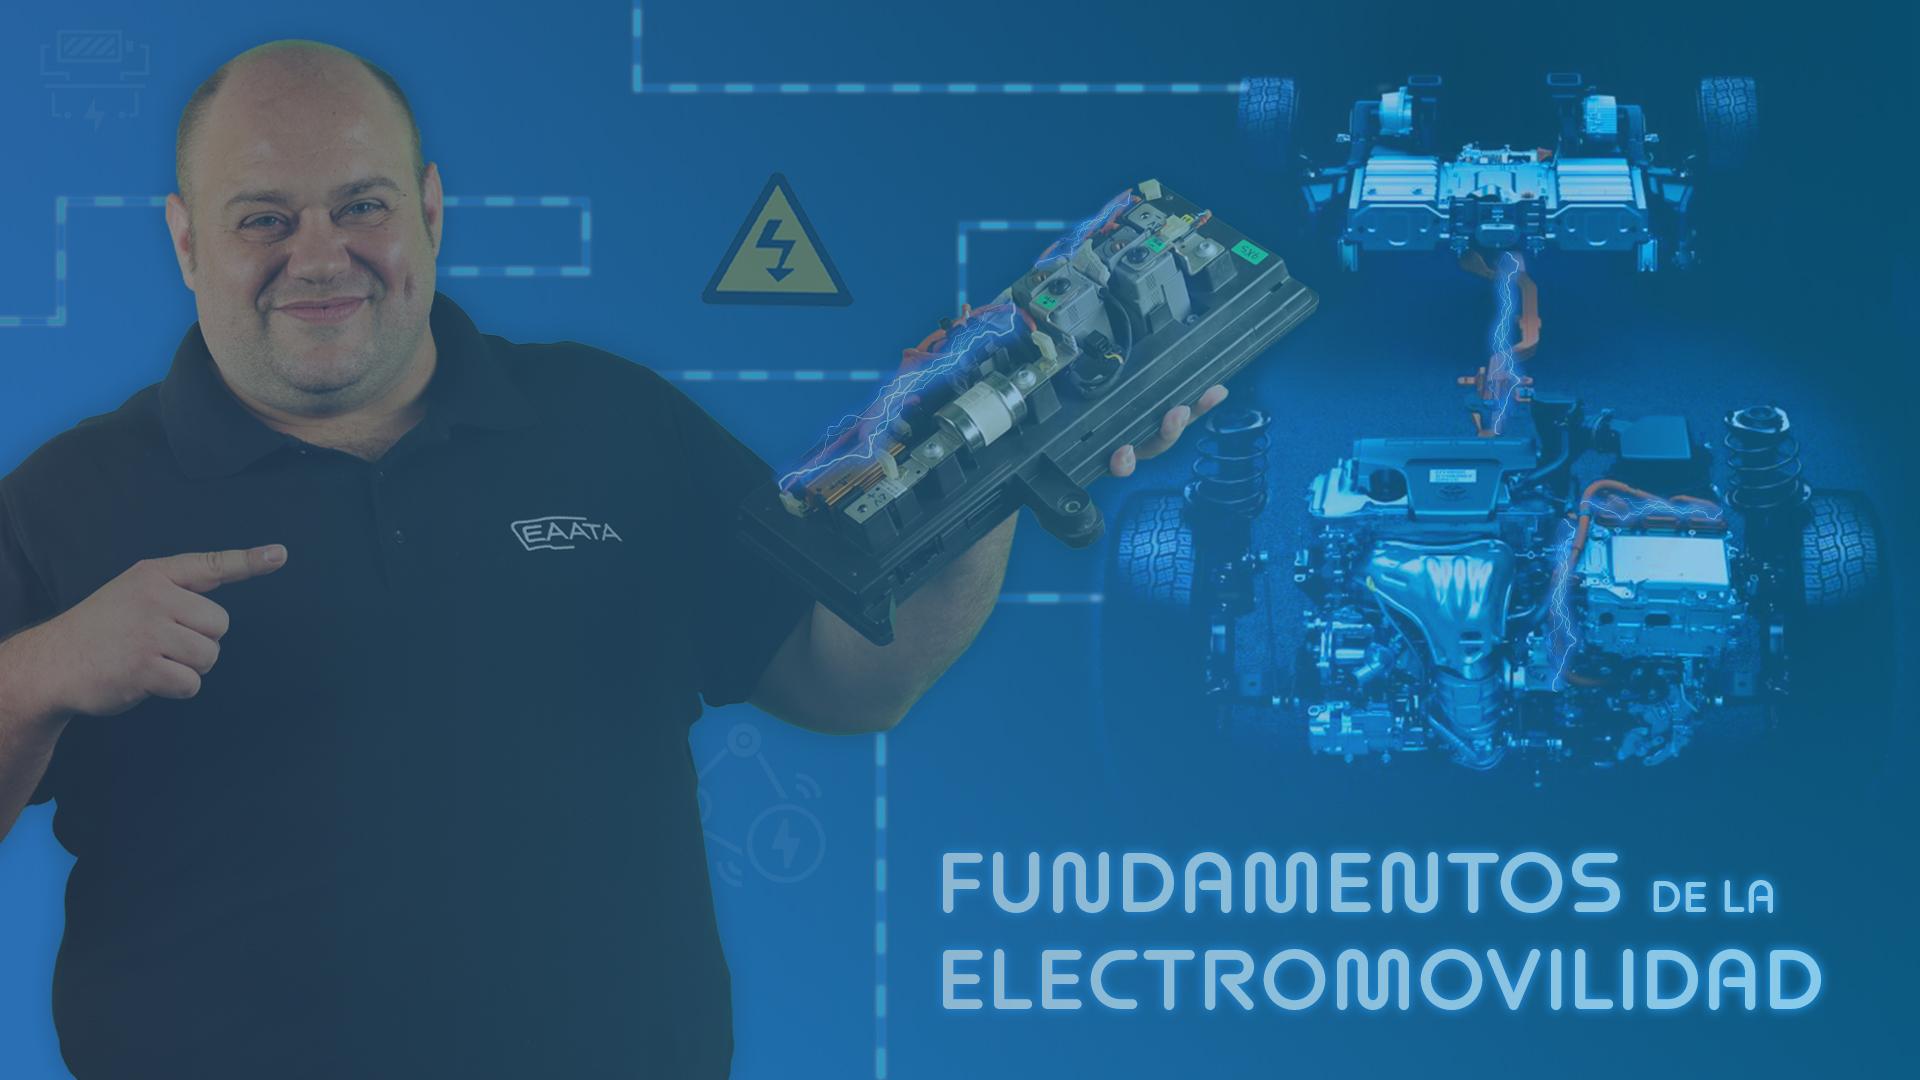 210615_Miniatura_Fundamentos_de_la_electromovilidad_Proximanente